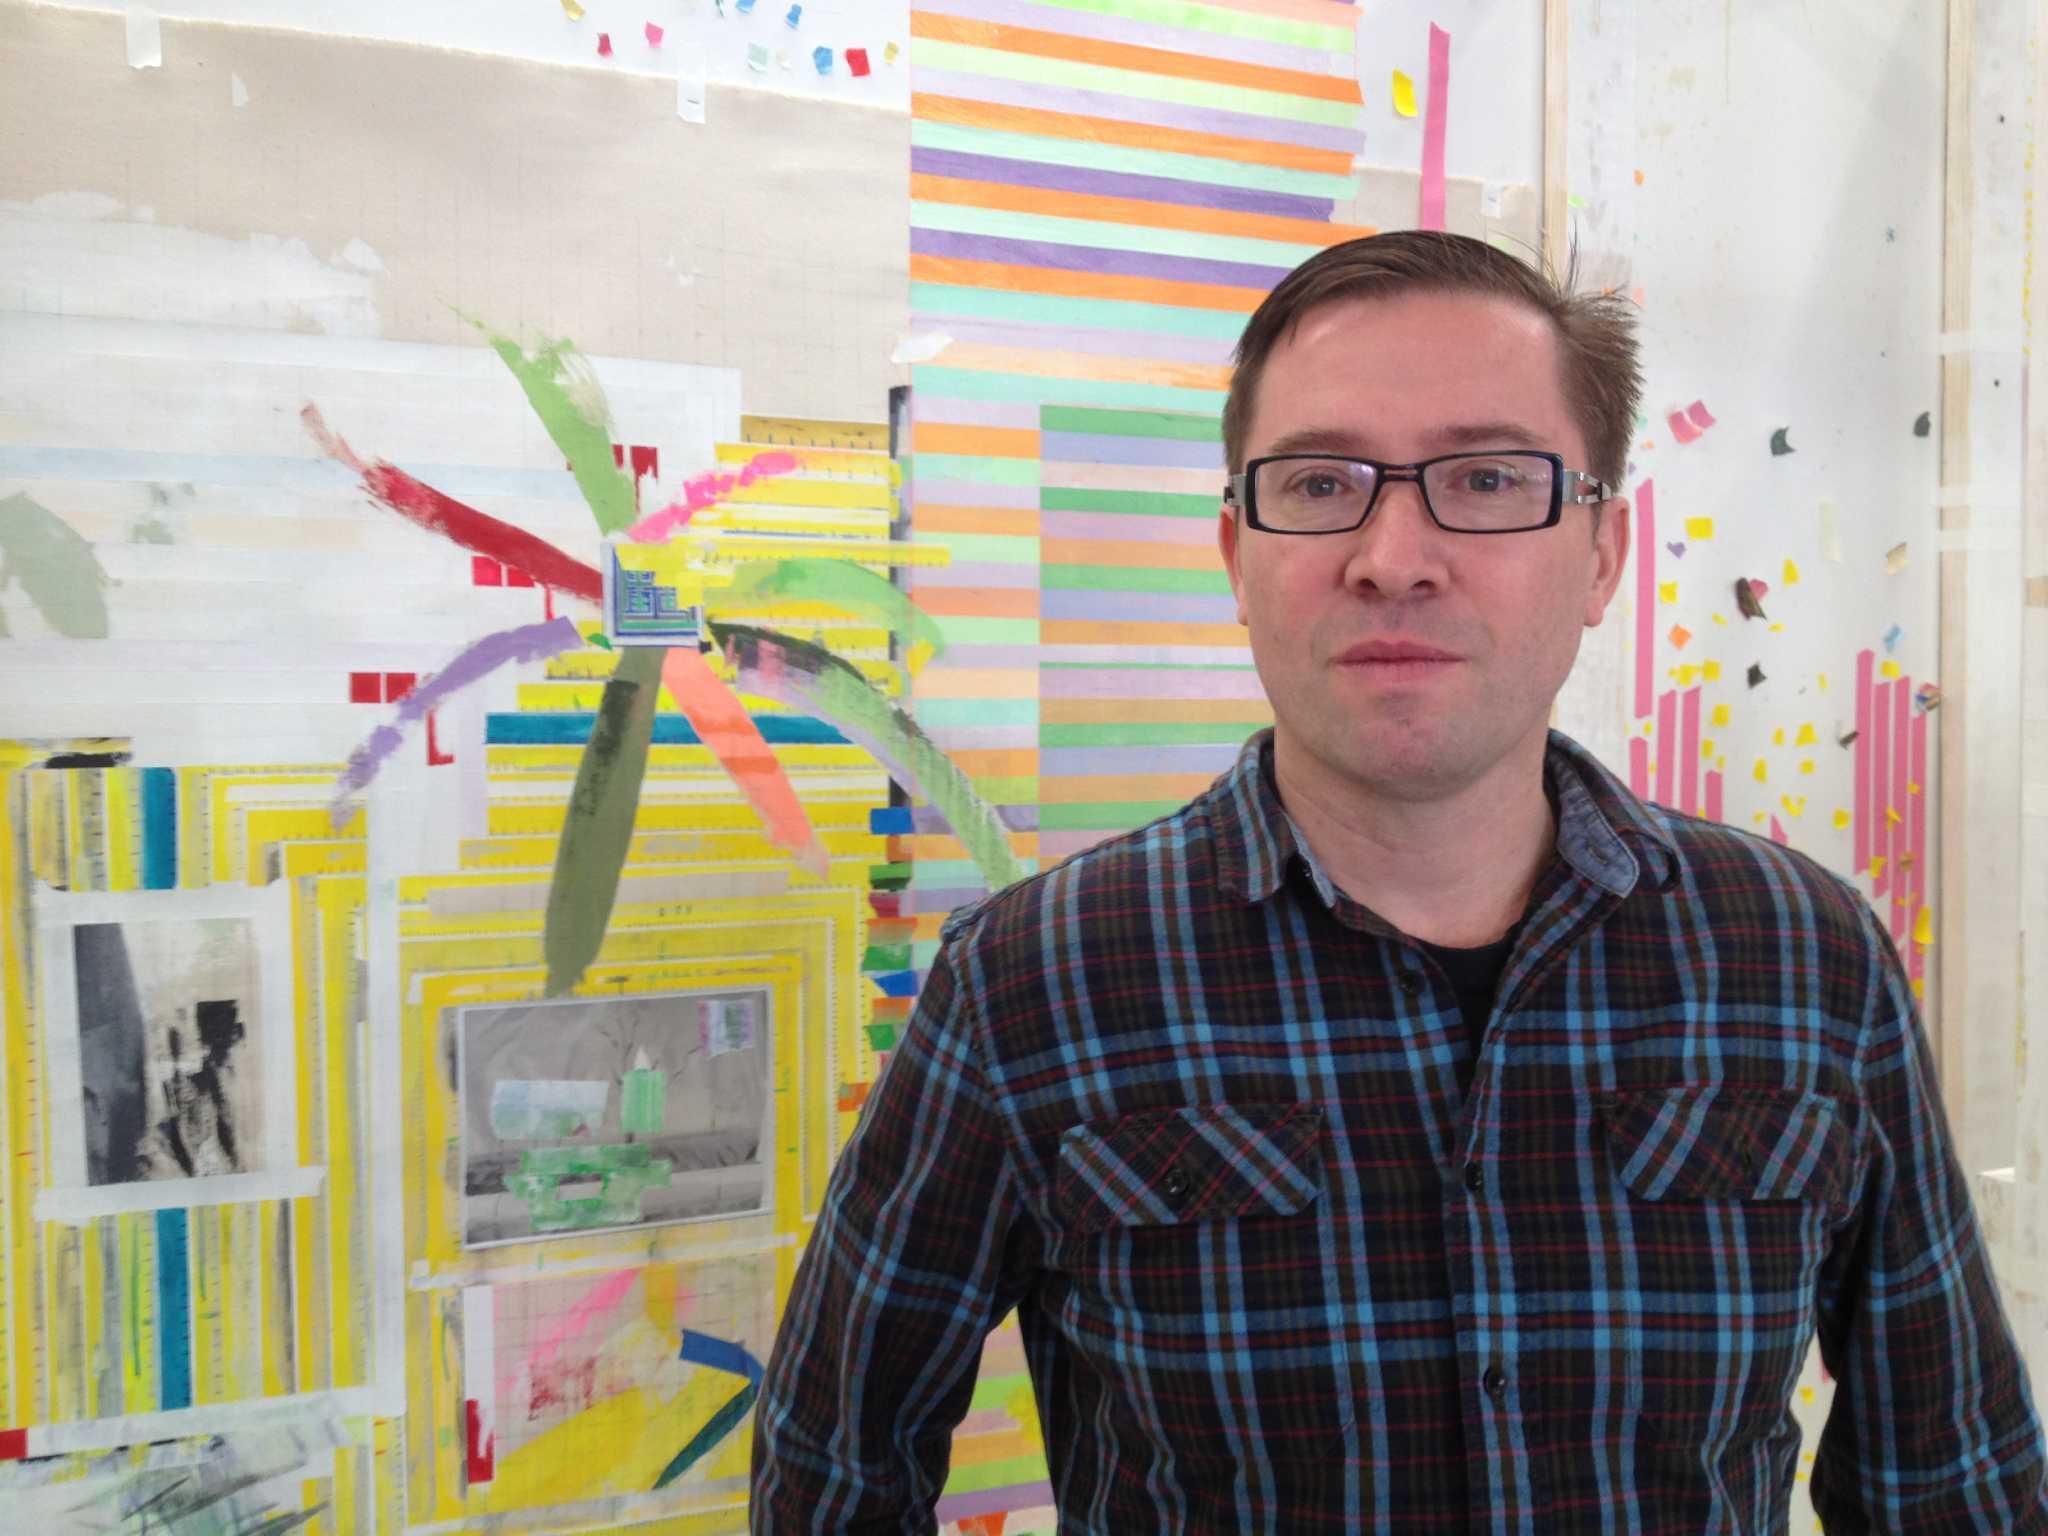 Franklin Evans lights up DiverseWorks - HoustonChronicle.com